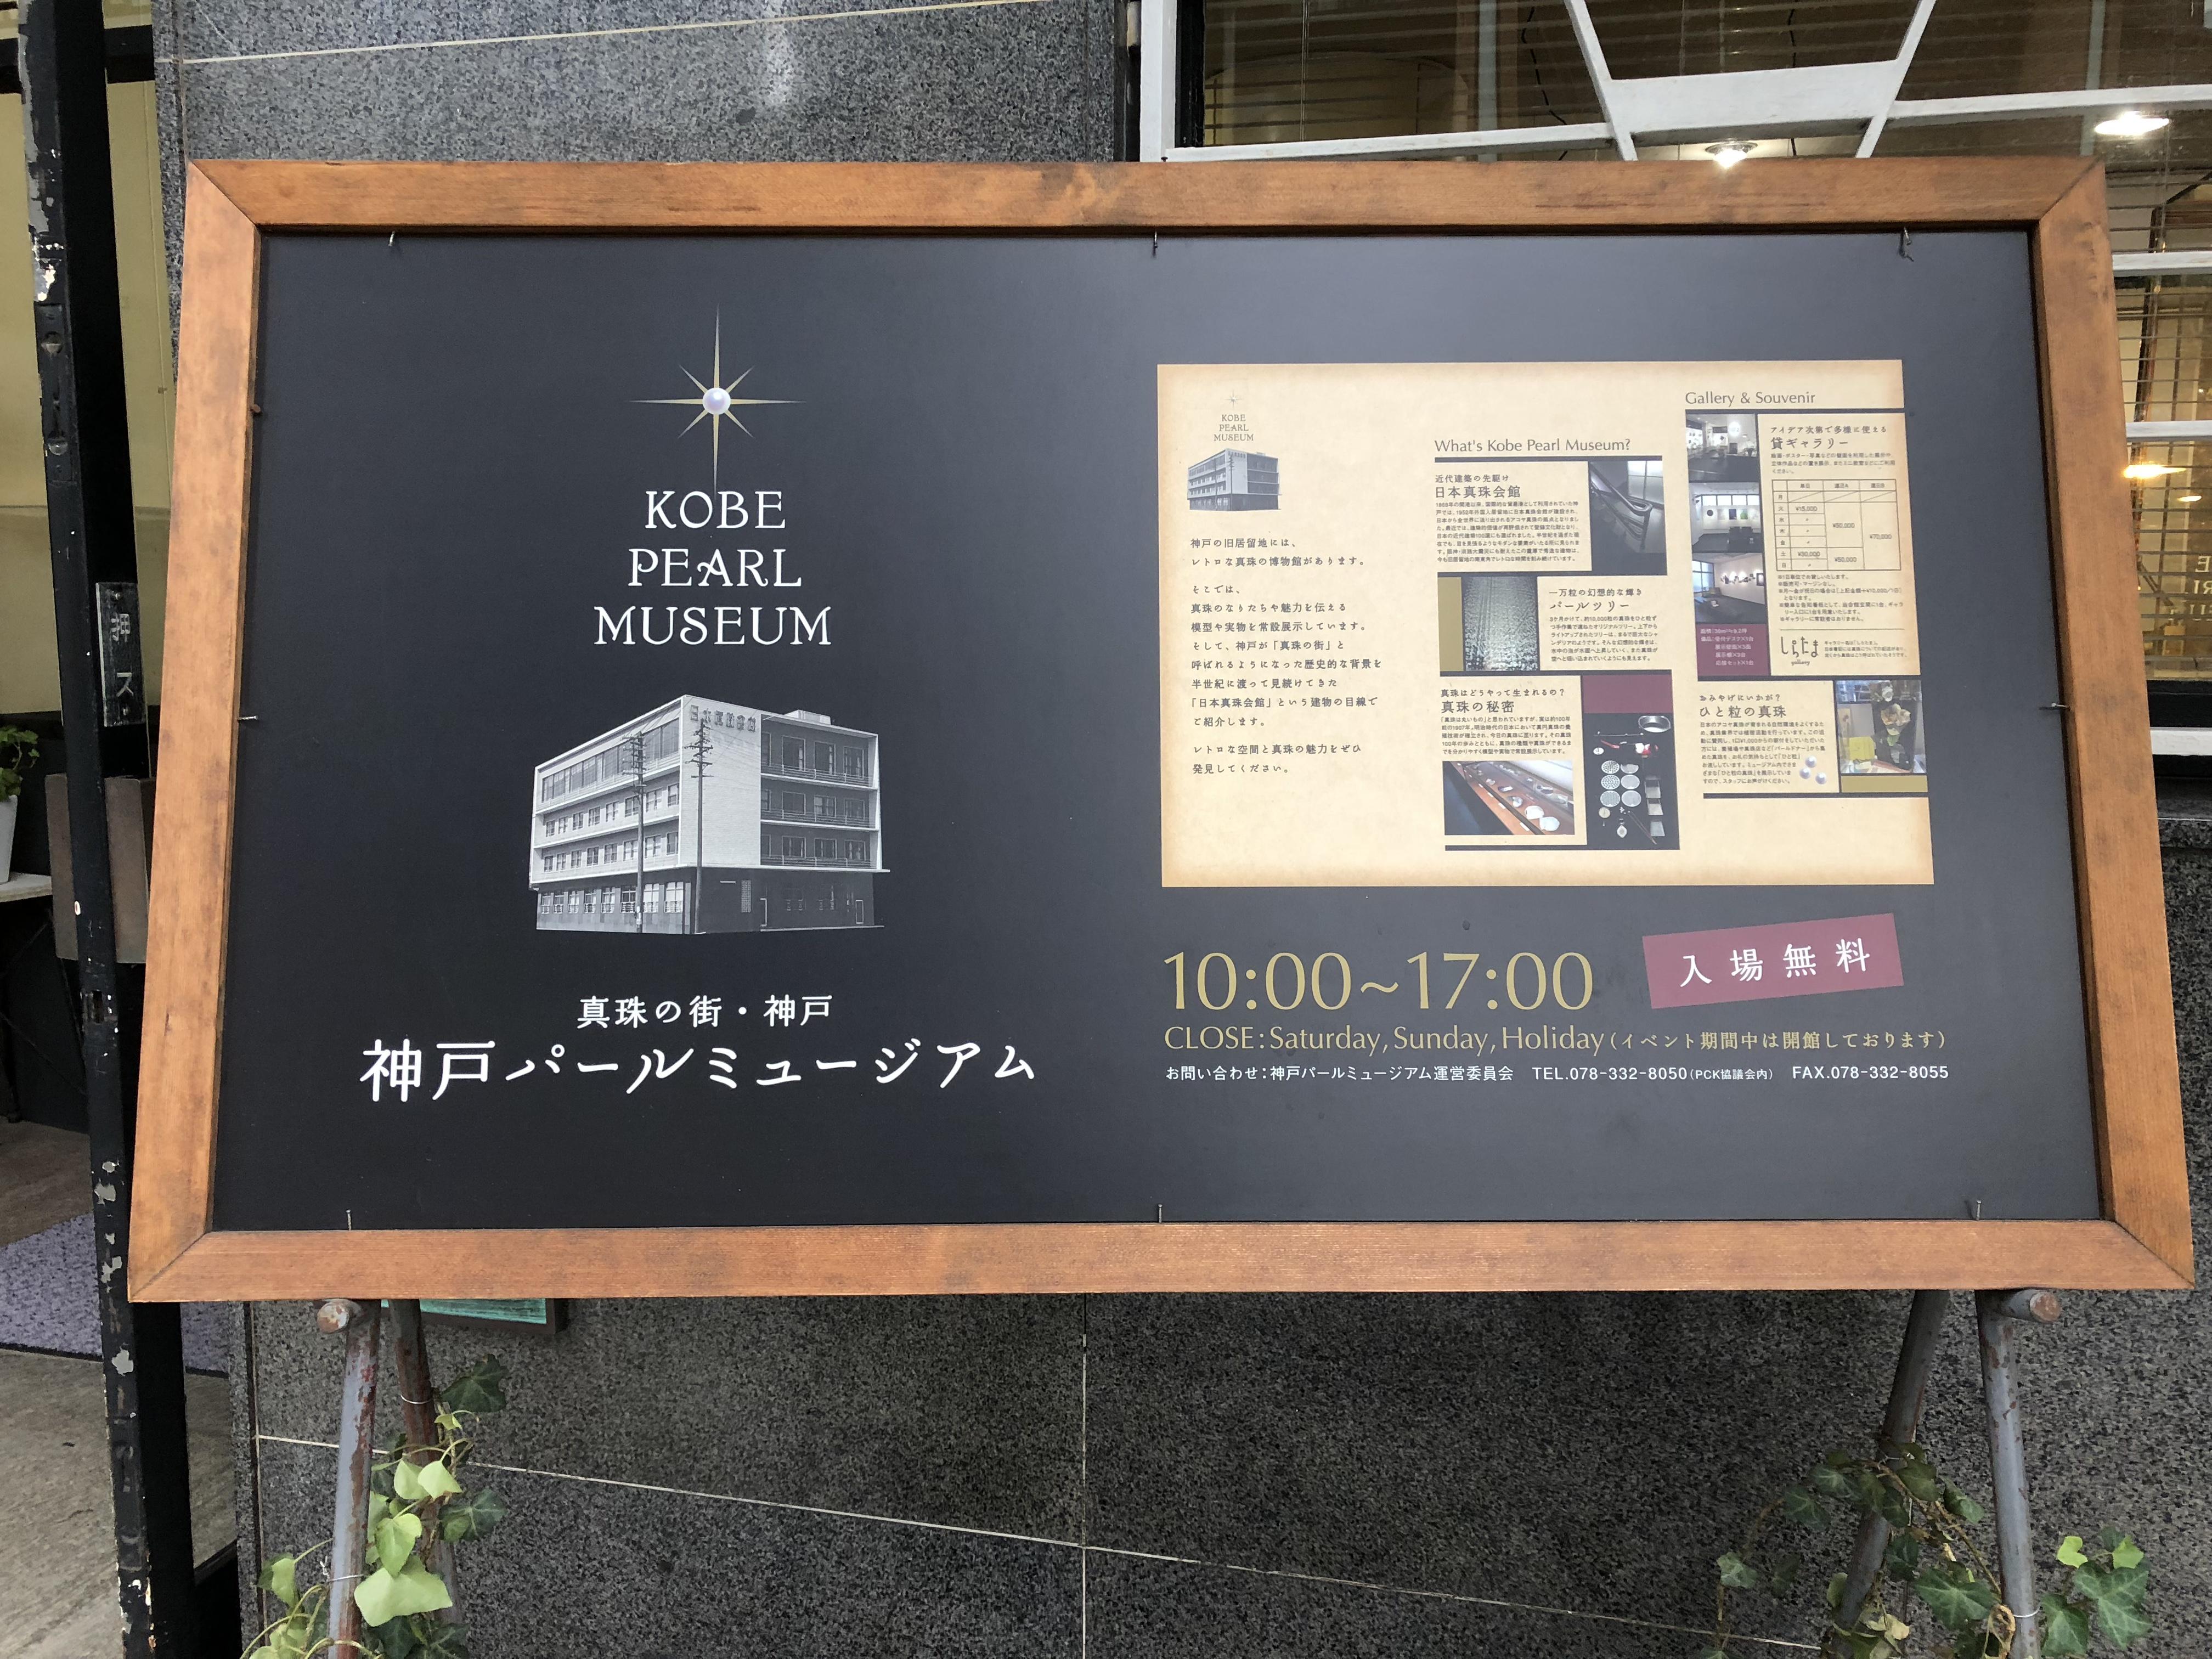 神戸・旧居留地にある「神戸パールミュージアム」で真珠について学んでみよう! #日本真珠会館  #神戸パールミュージアム #近代建築